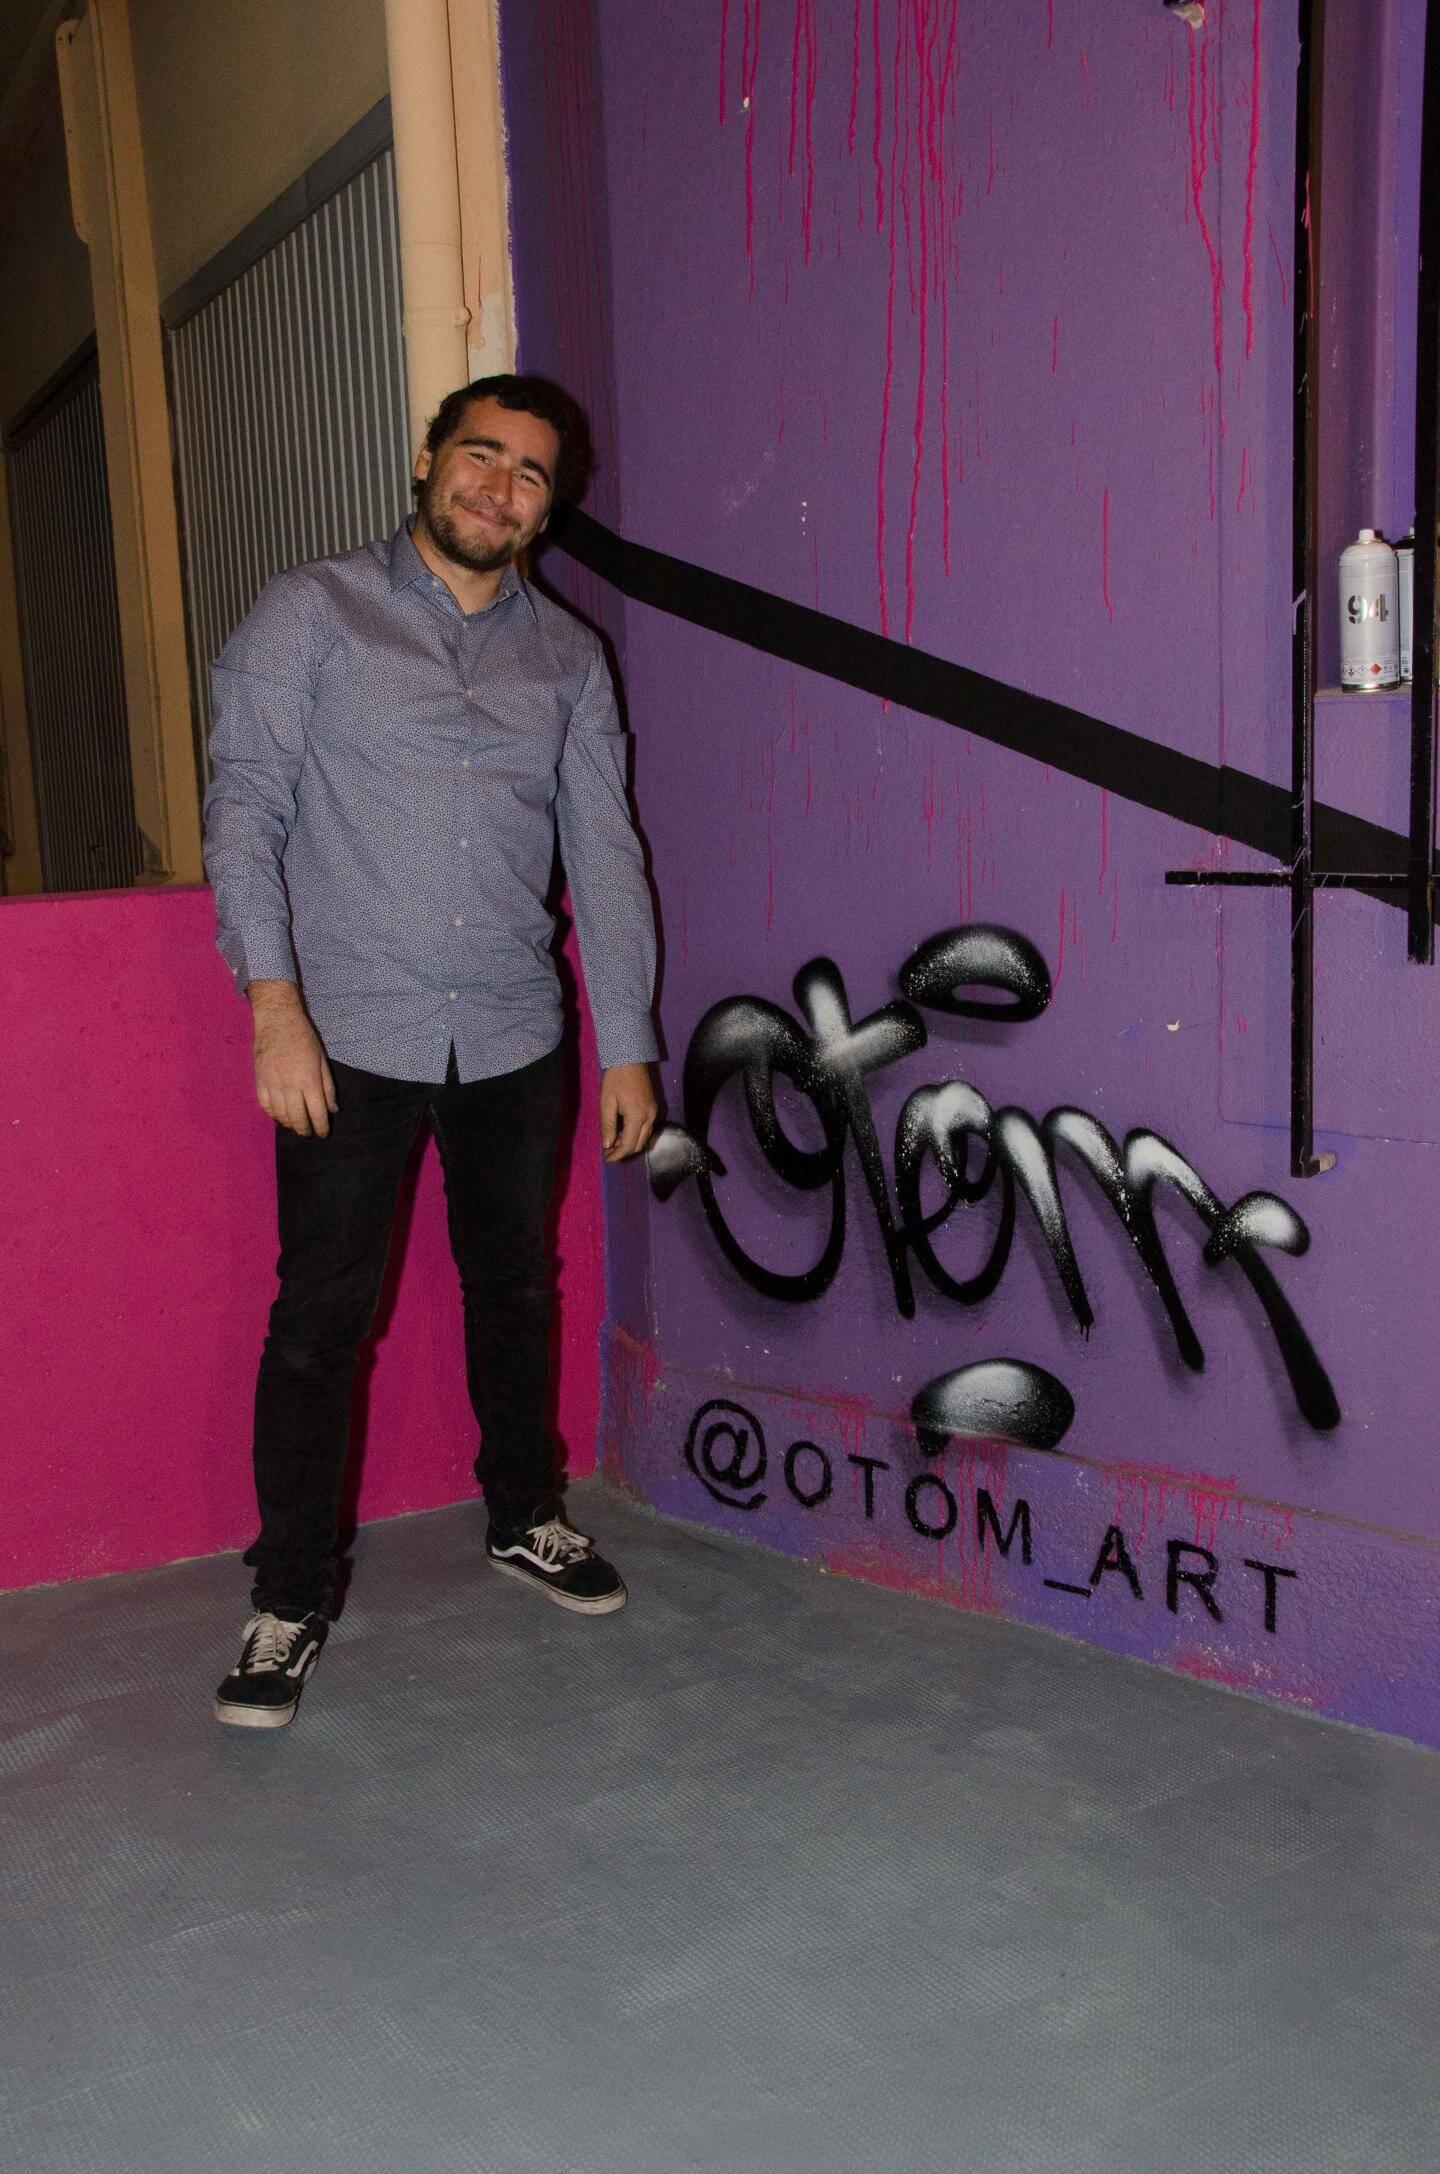 Le graffeur « Otom » a réalisé l'impressionnante fresque qui orne la façade d'Unik Art.